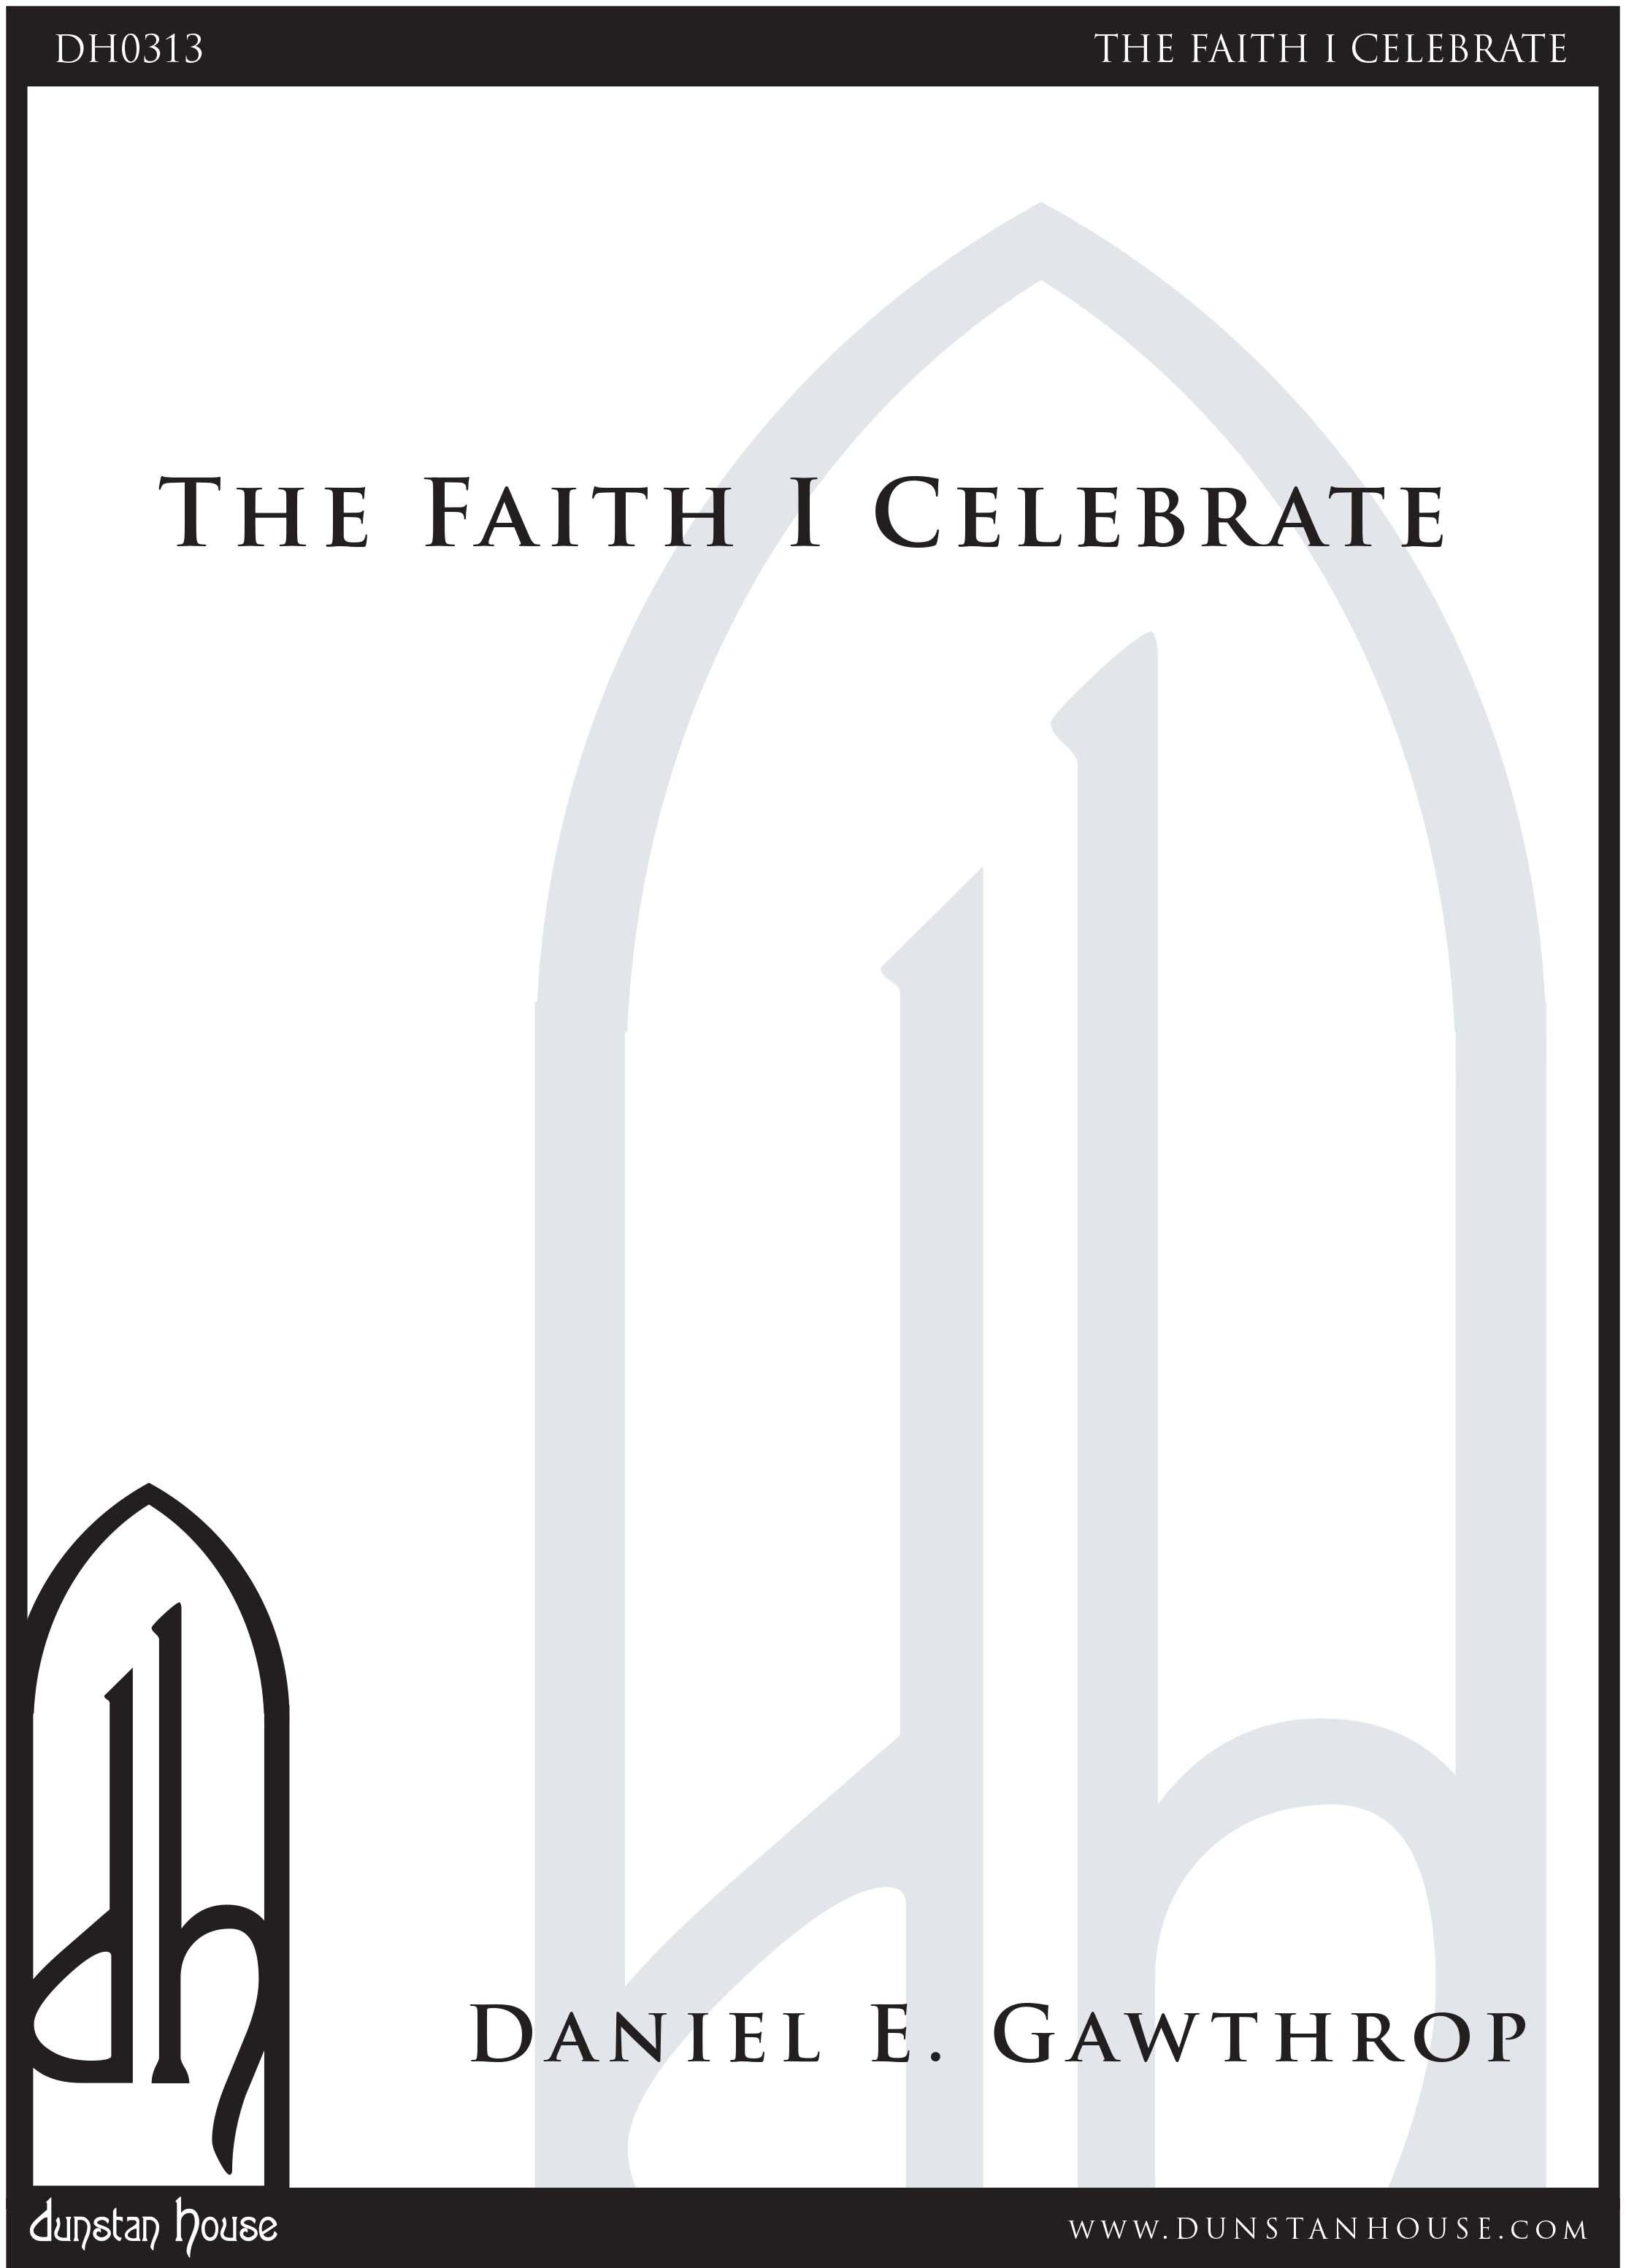 The Faith I Celebrate